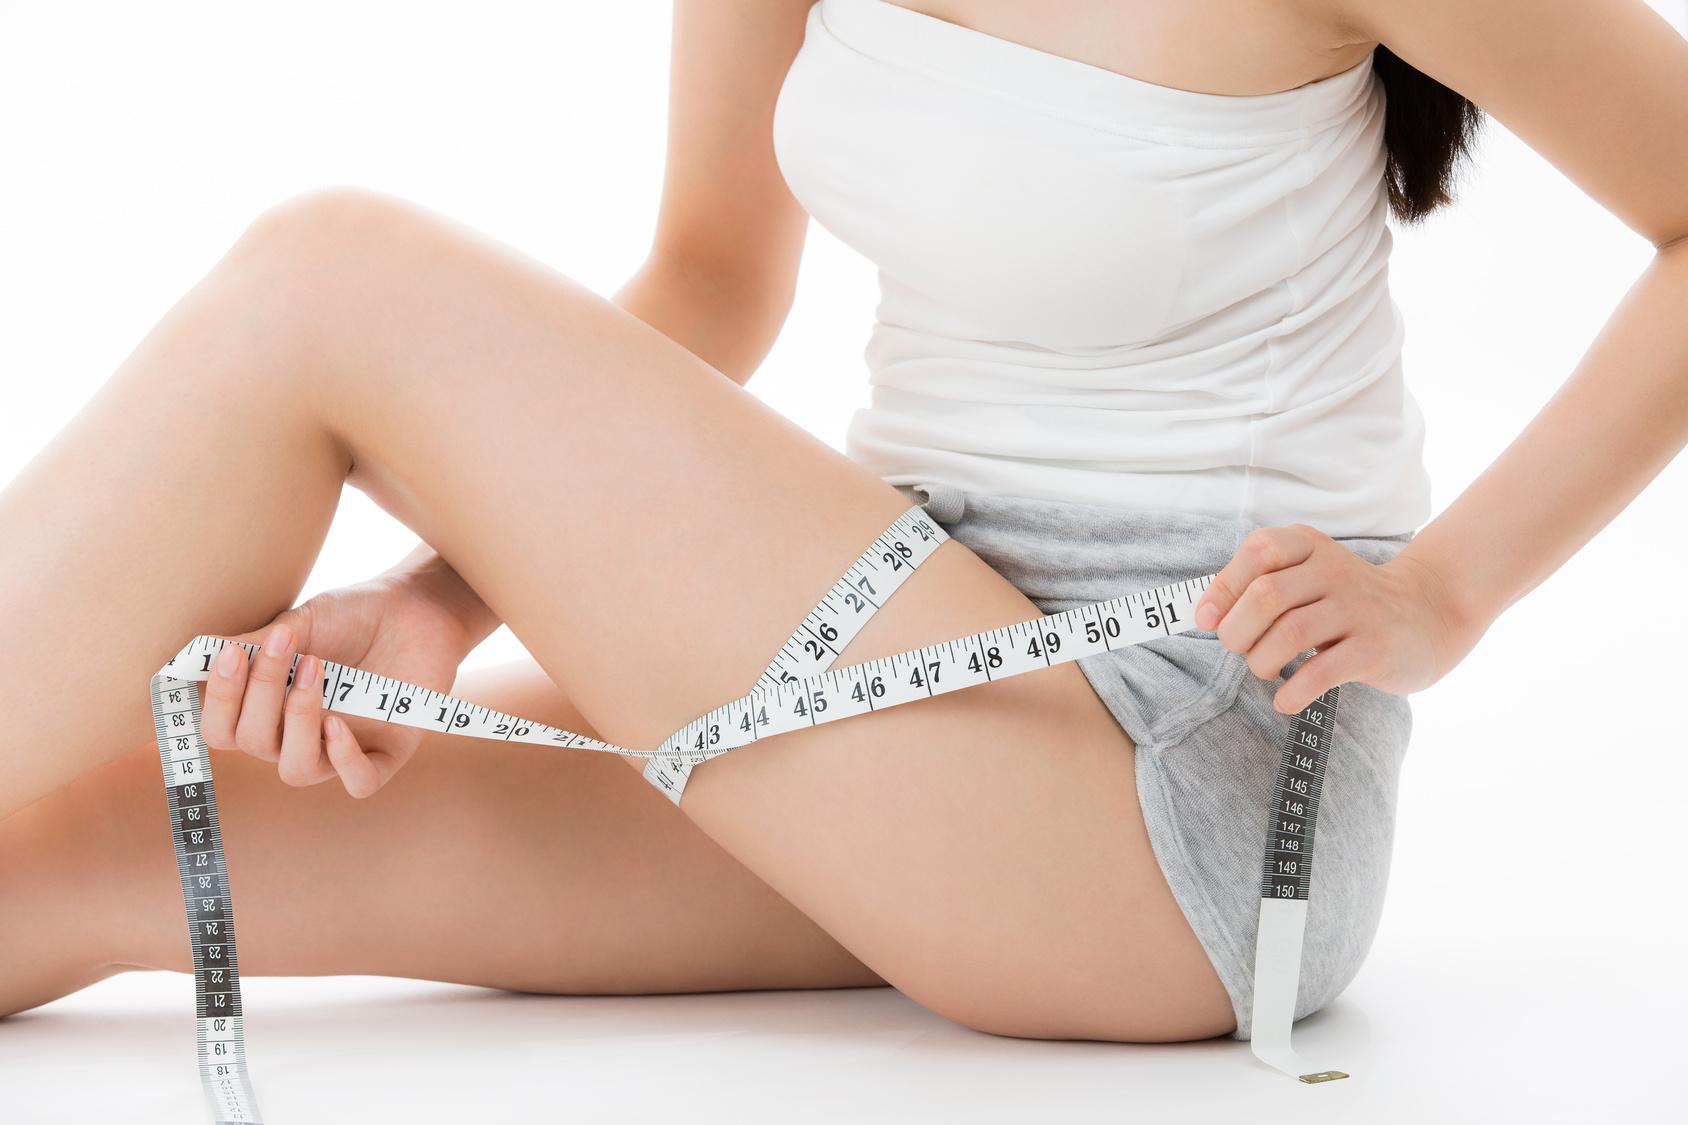 ダイエット検定 日本ダイエット健康協会